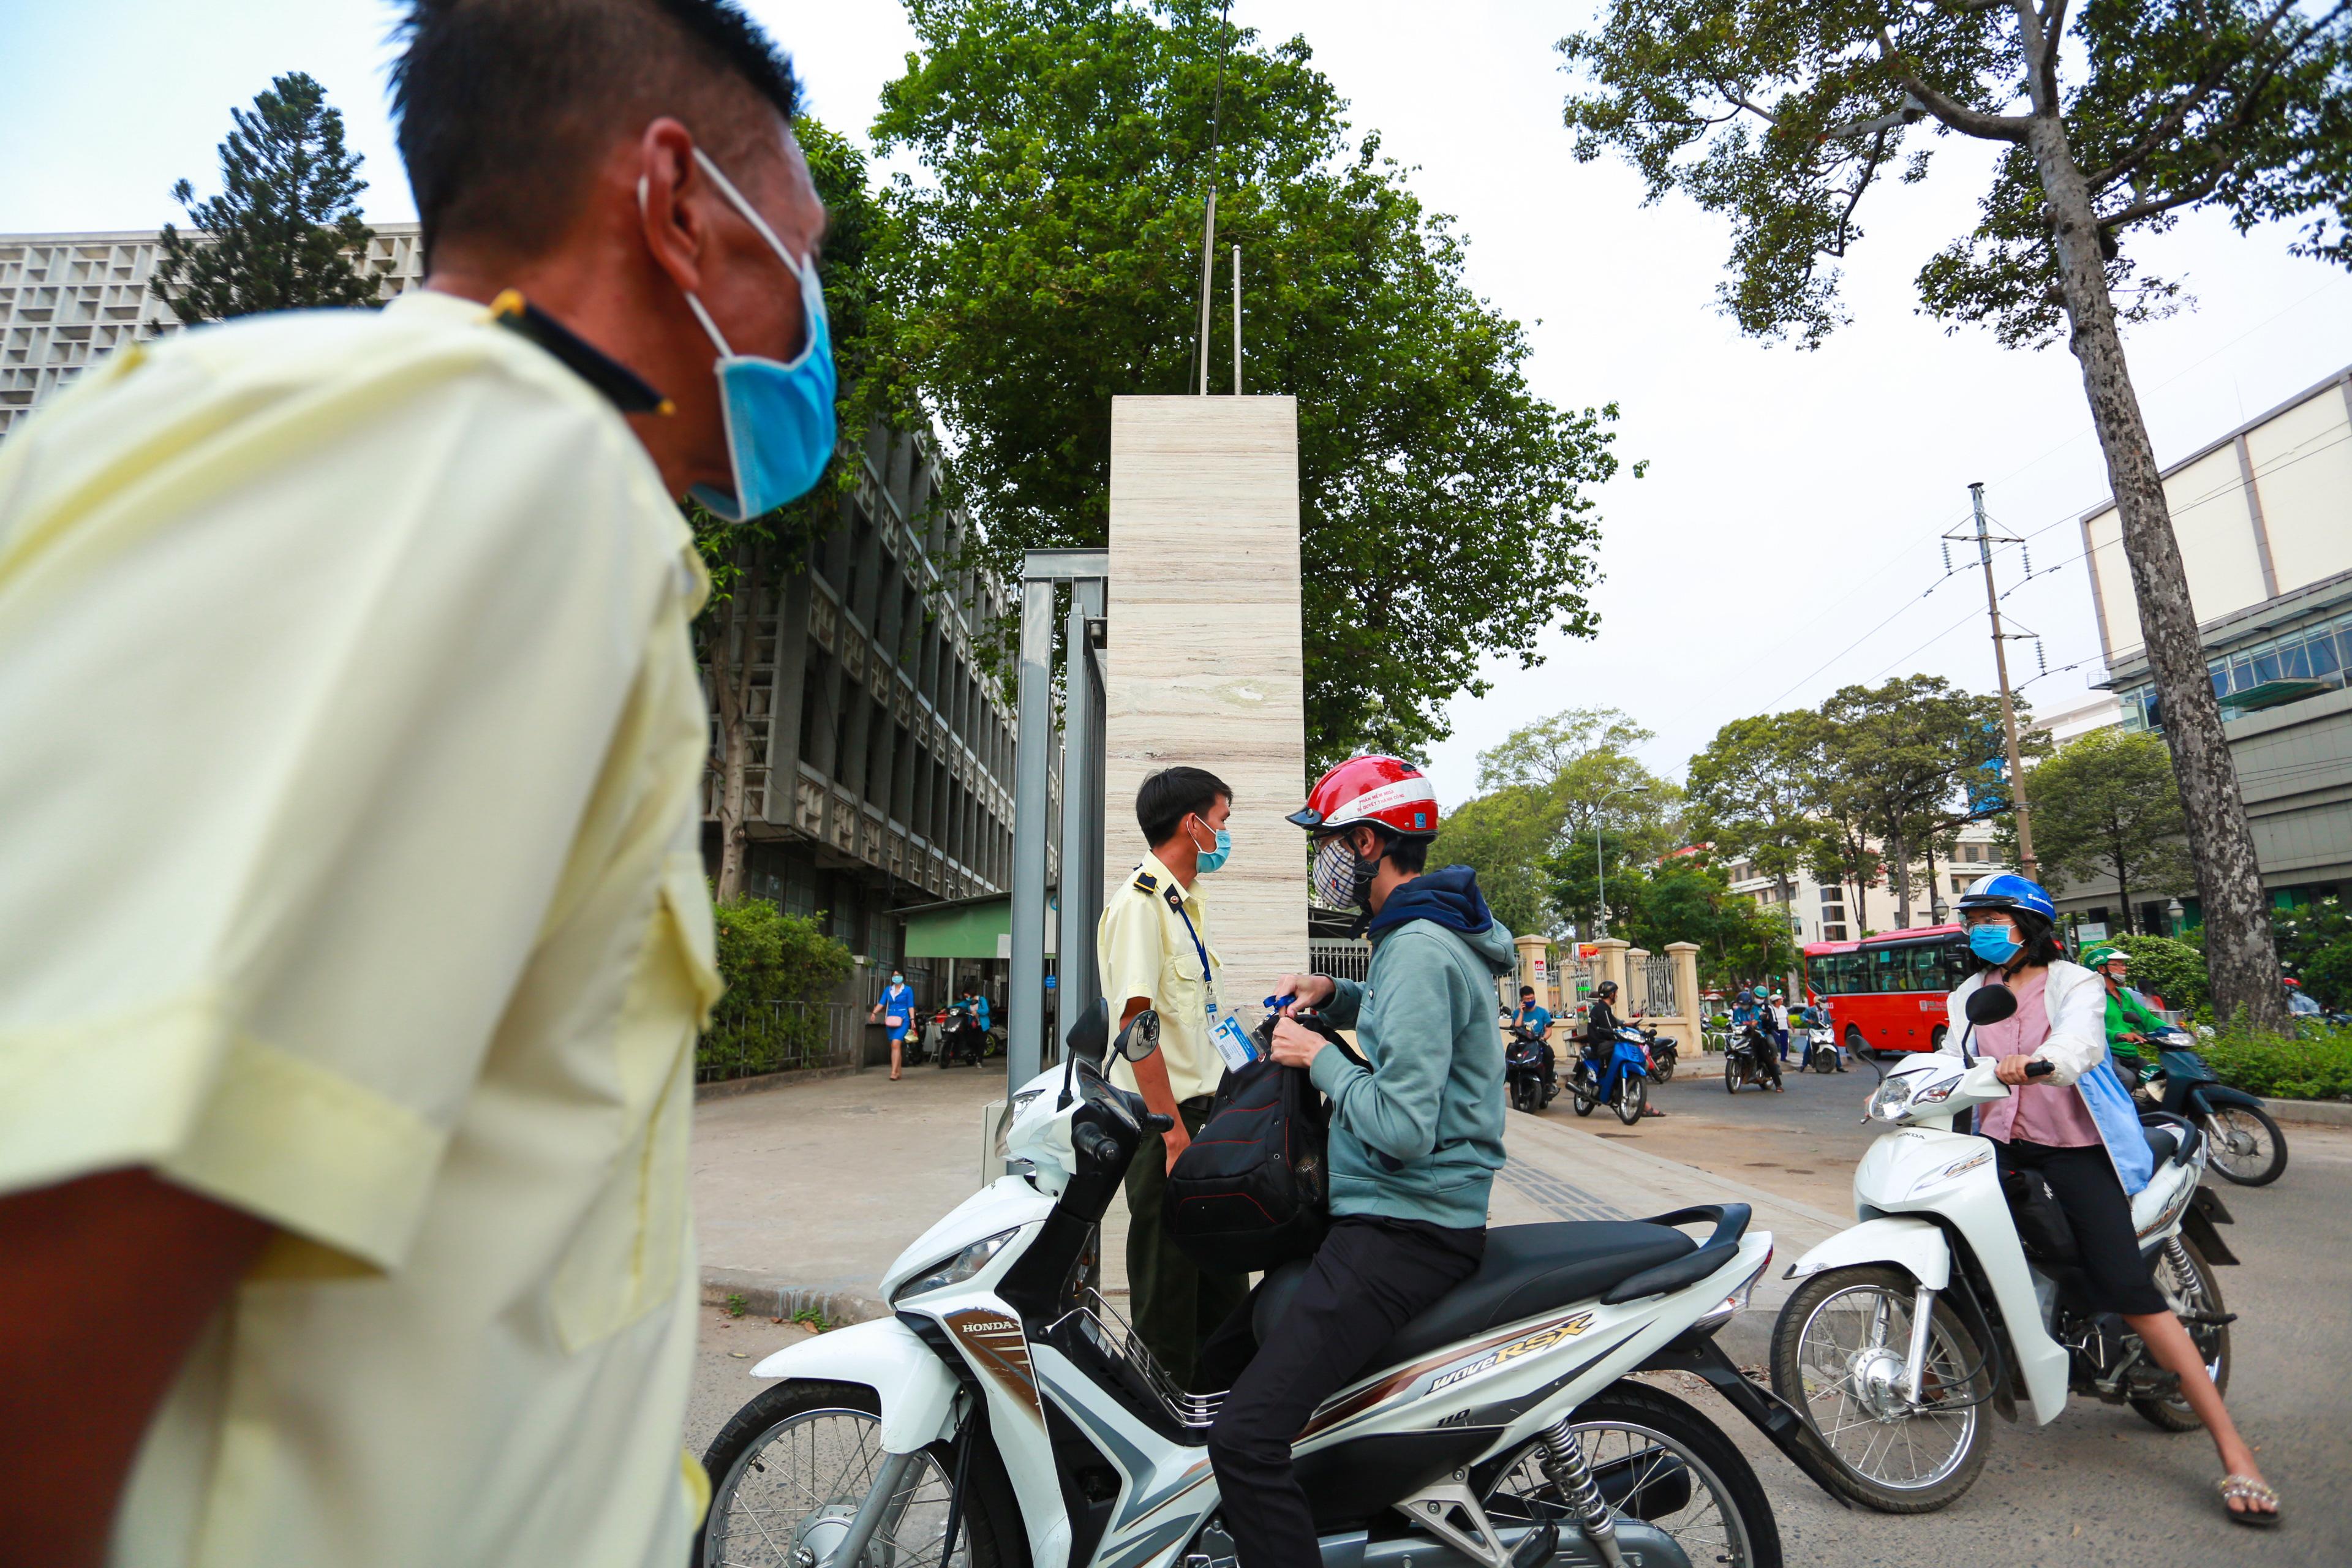 Trường ĐH duy nhất tại TP.HCM trở lại học tập, sinh viên bịt khẩu trang kín mít, kiểm tra nghiêm ngặt khi vào trường - Ảnh 9.